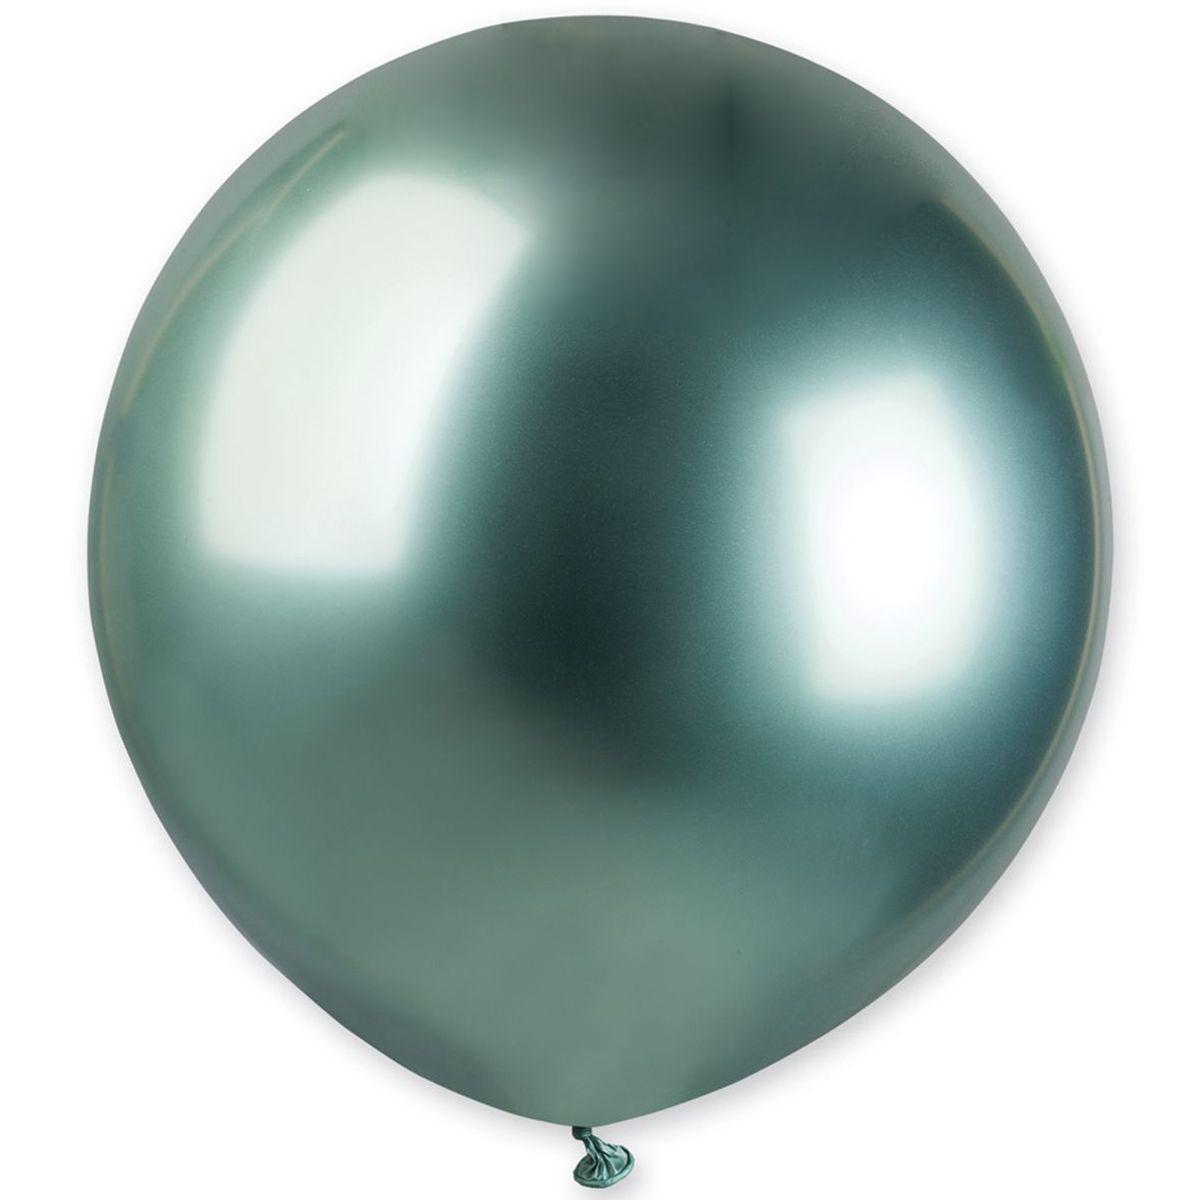 Воздушный шар 19' хром Gemar G150-093 Зеленый (48 см), 10 шт